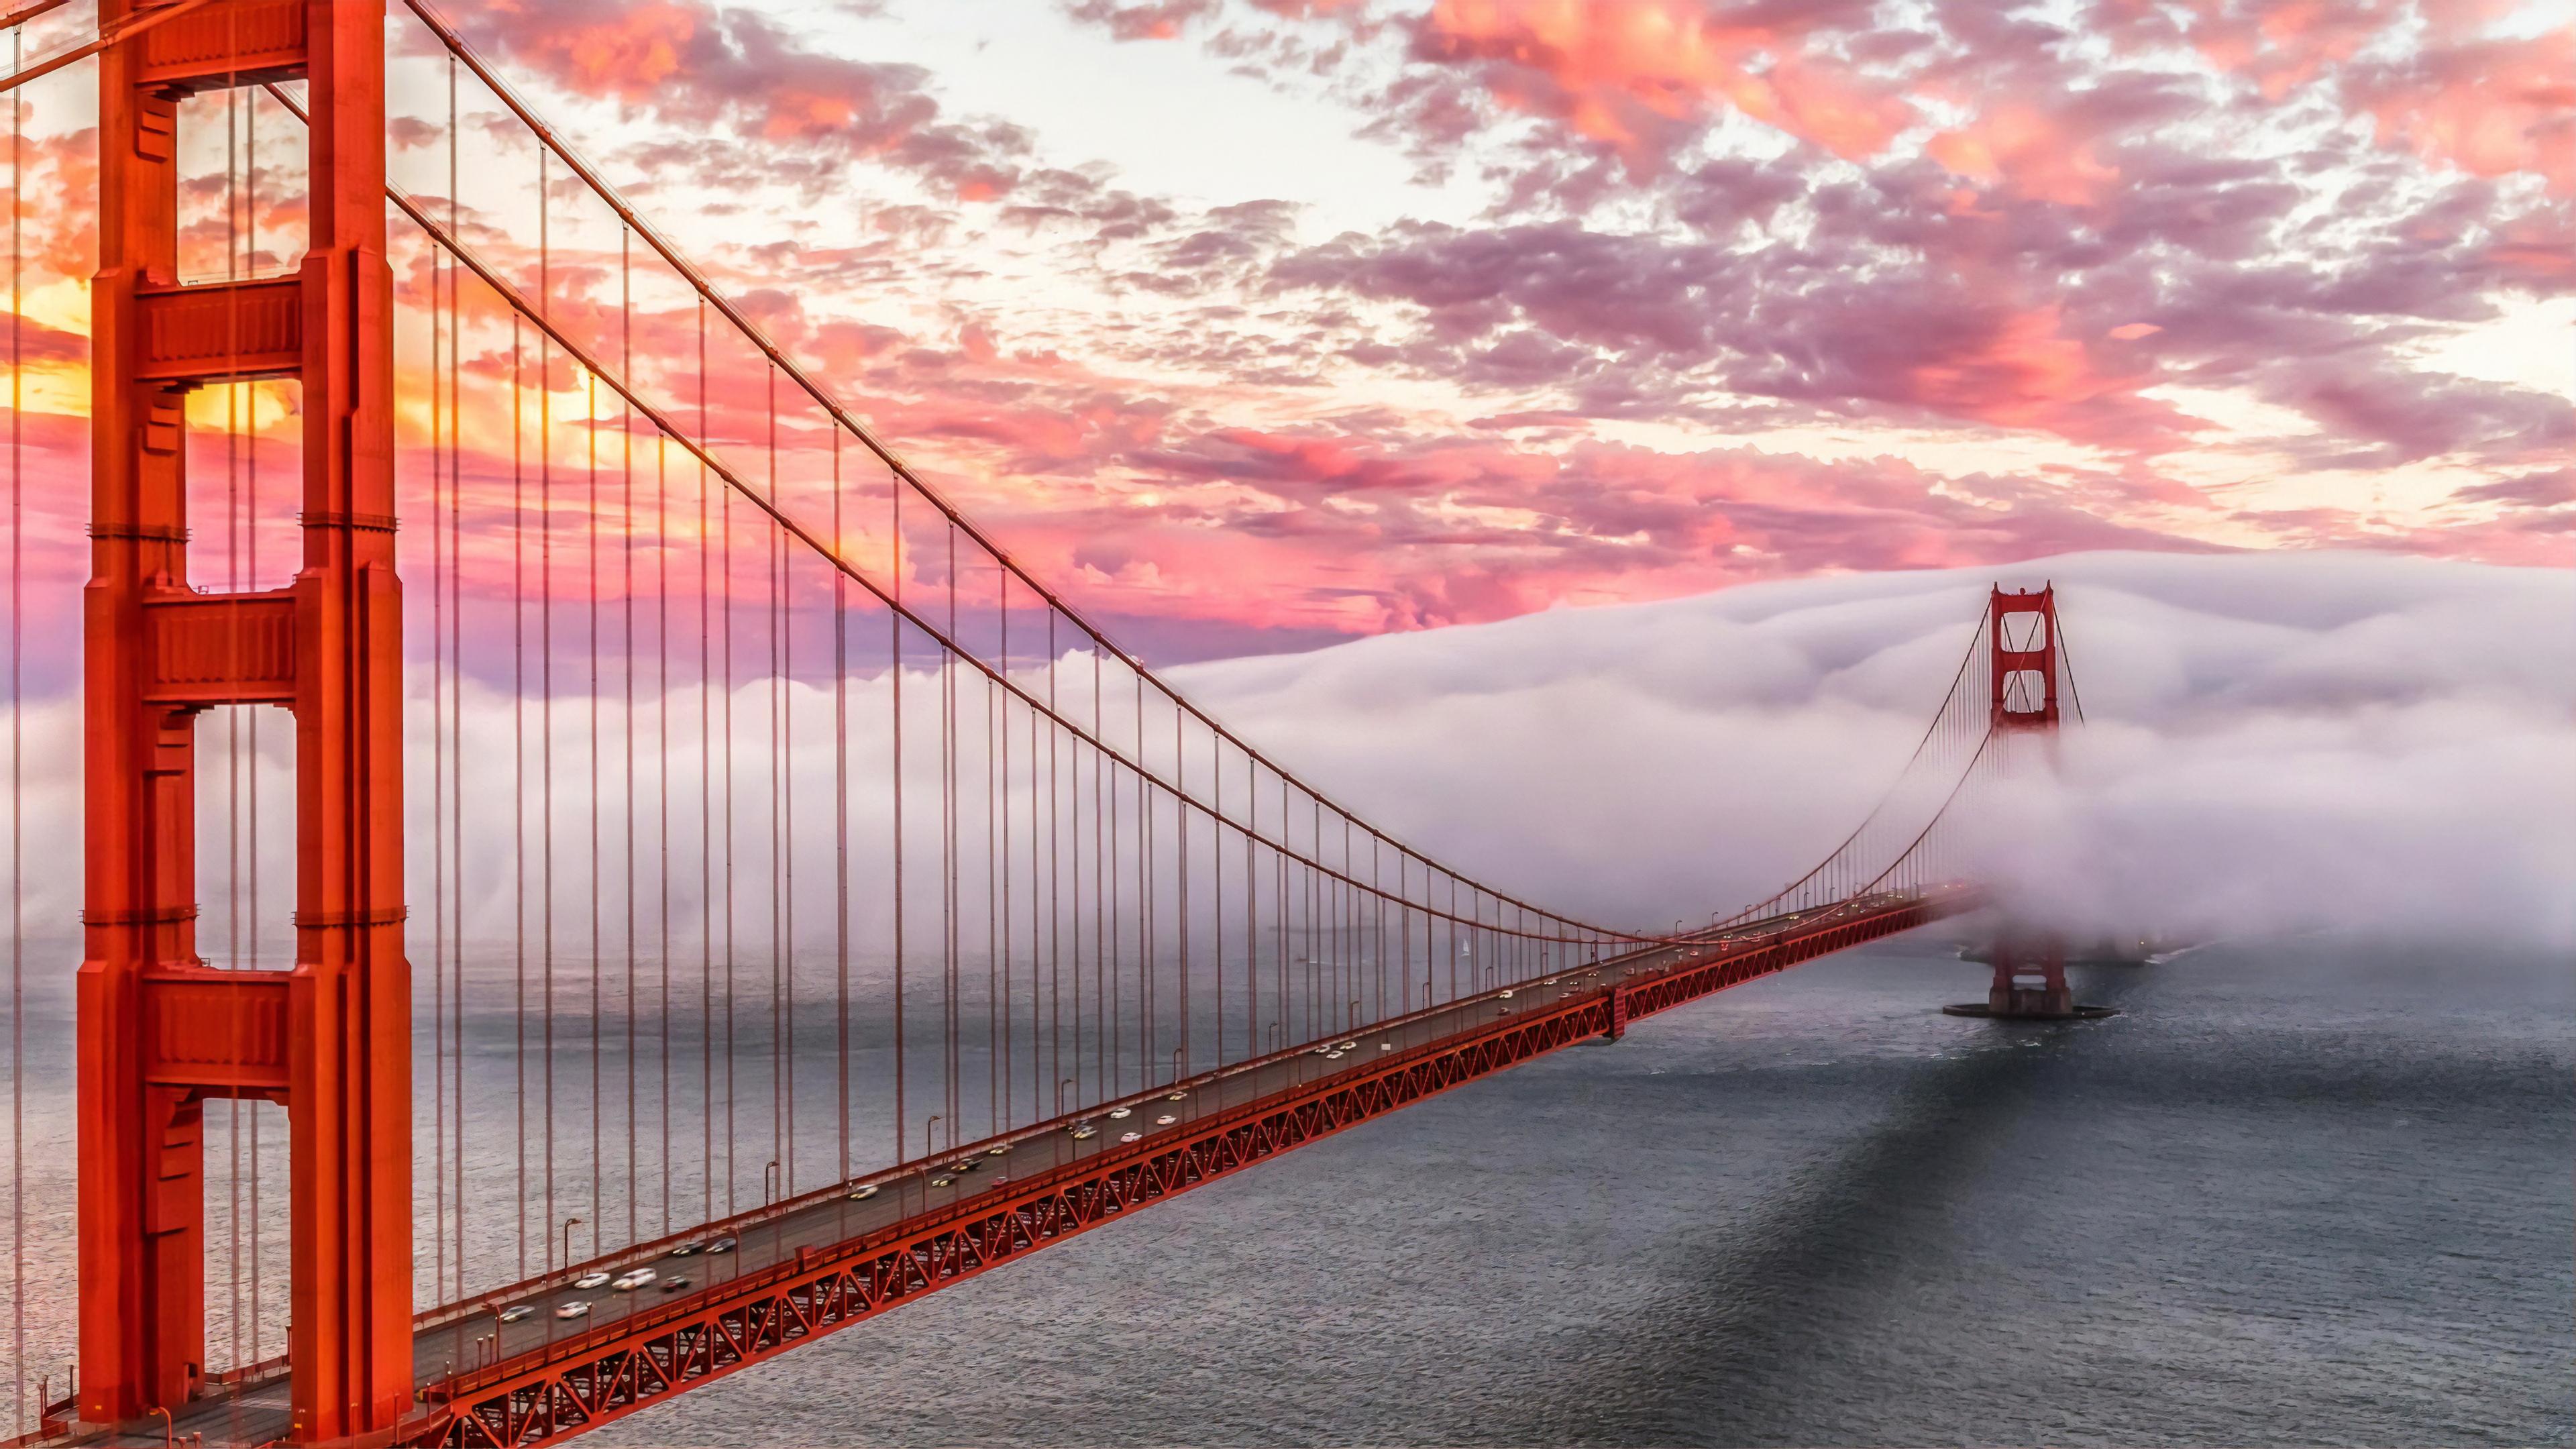 Wallpaper 4k Golden Gate Bridge Morning